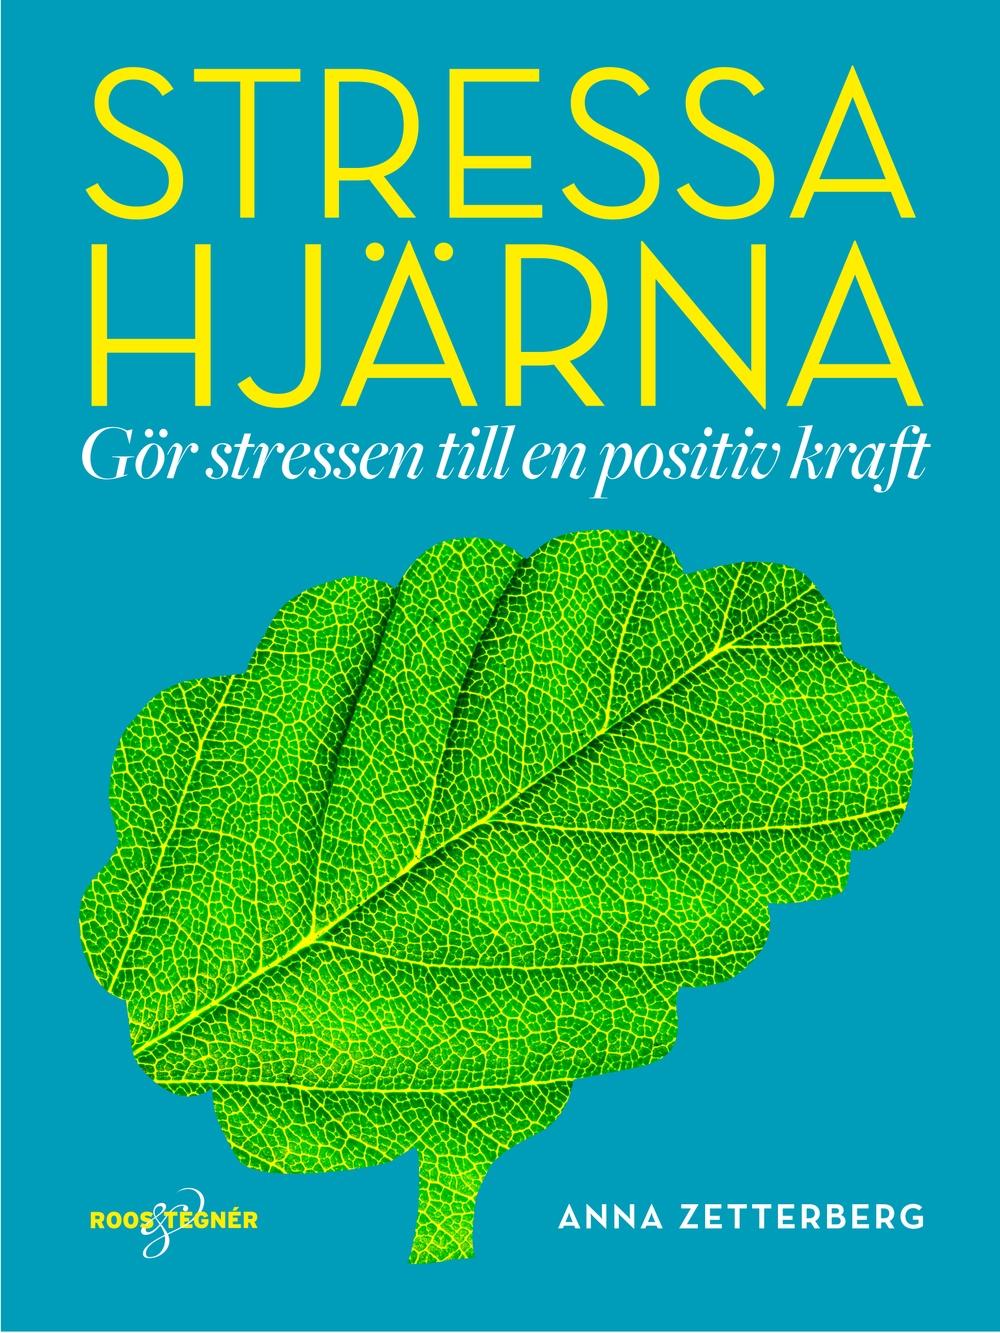 Boksomslag: Stressa hjärna - Gör stressen till en positiv kraft